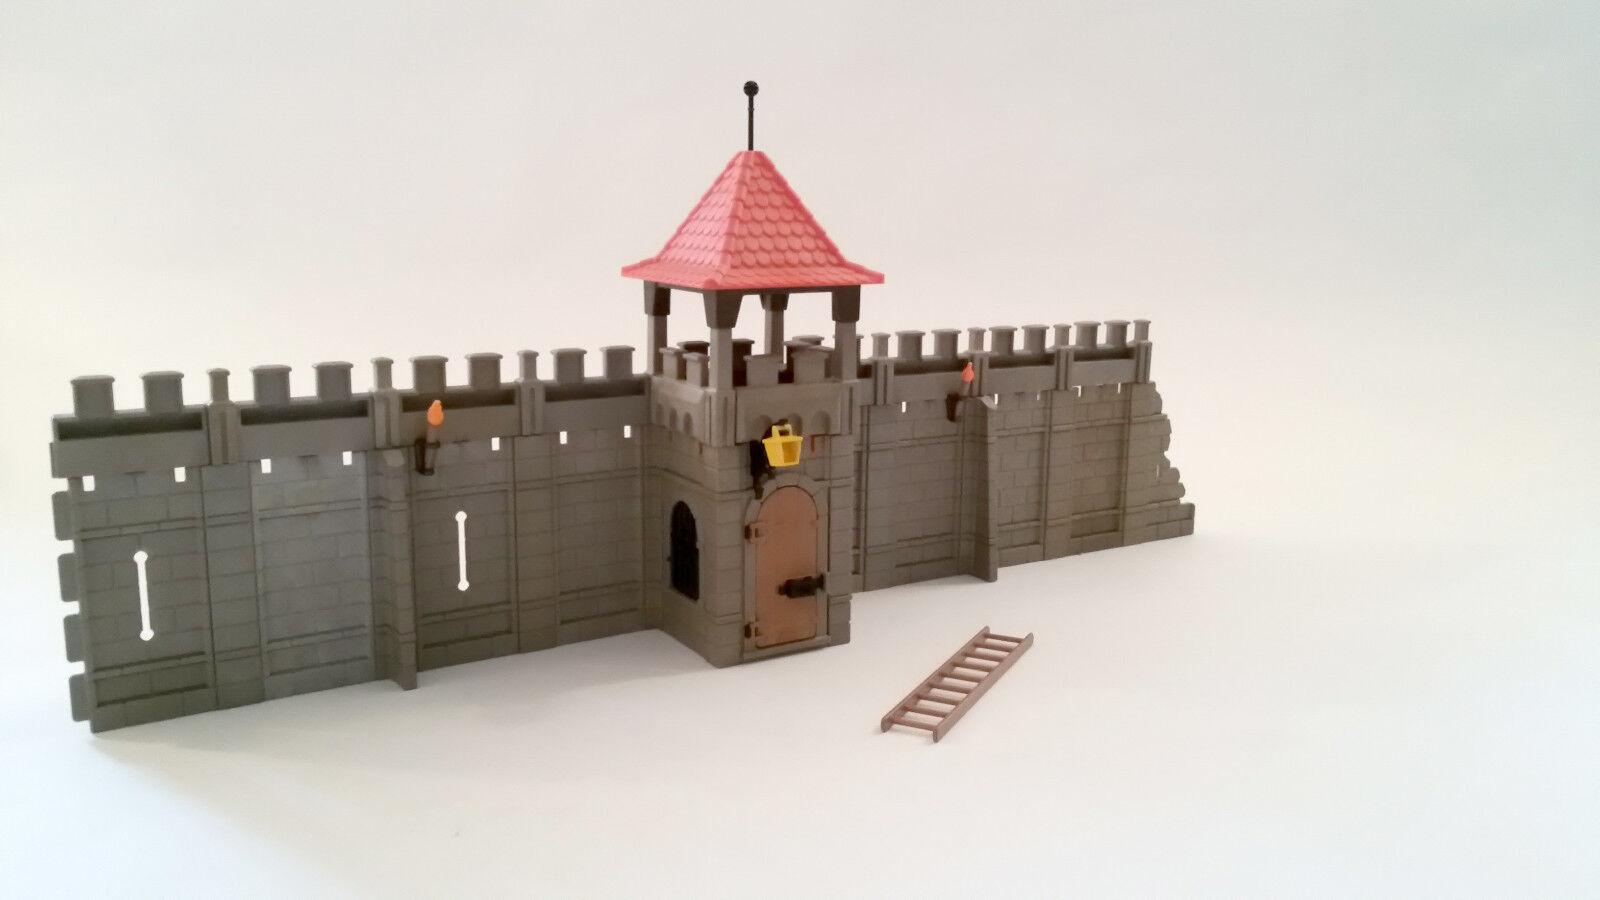 Playmobil    Erweiterung     Ritter    Burg    Mauer  Turm    für   Ritterburg